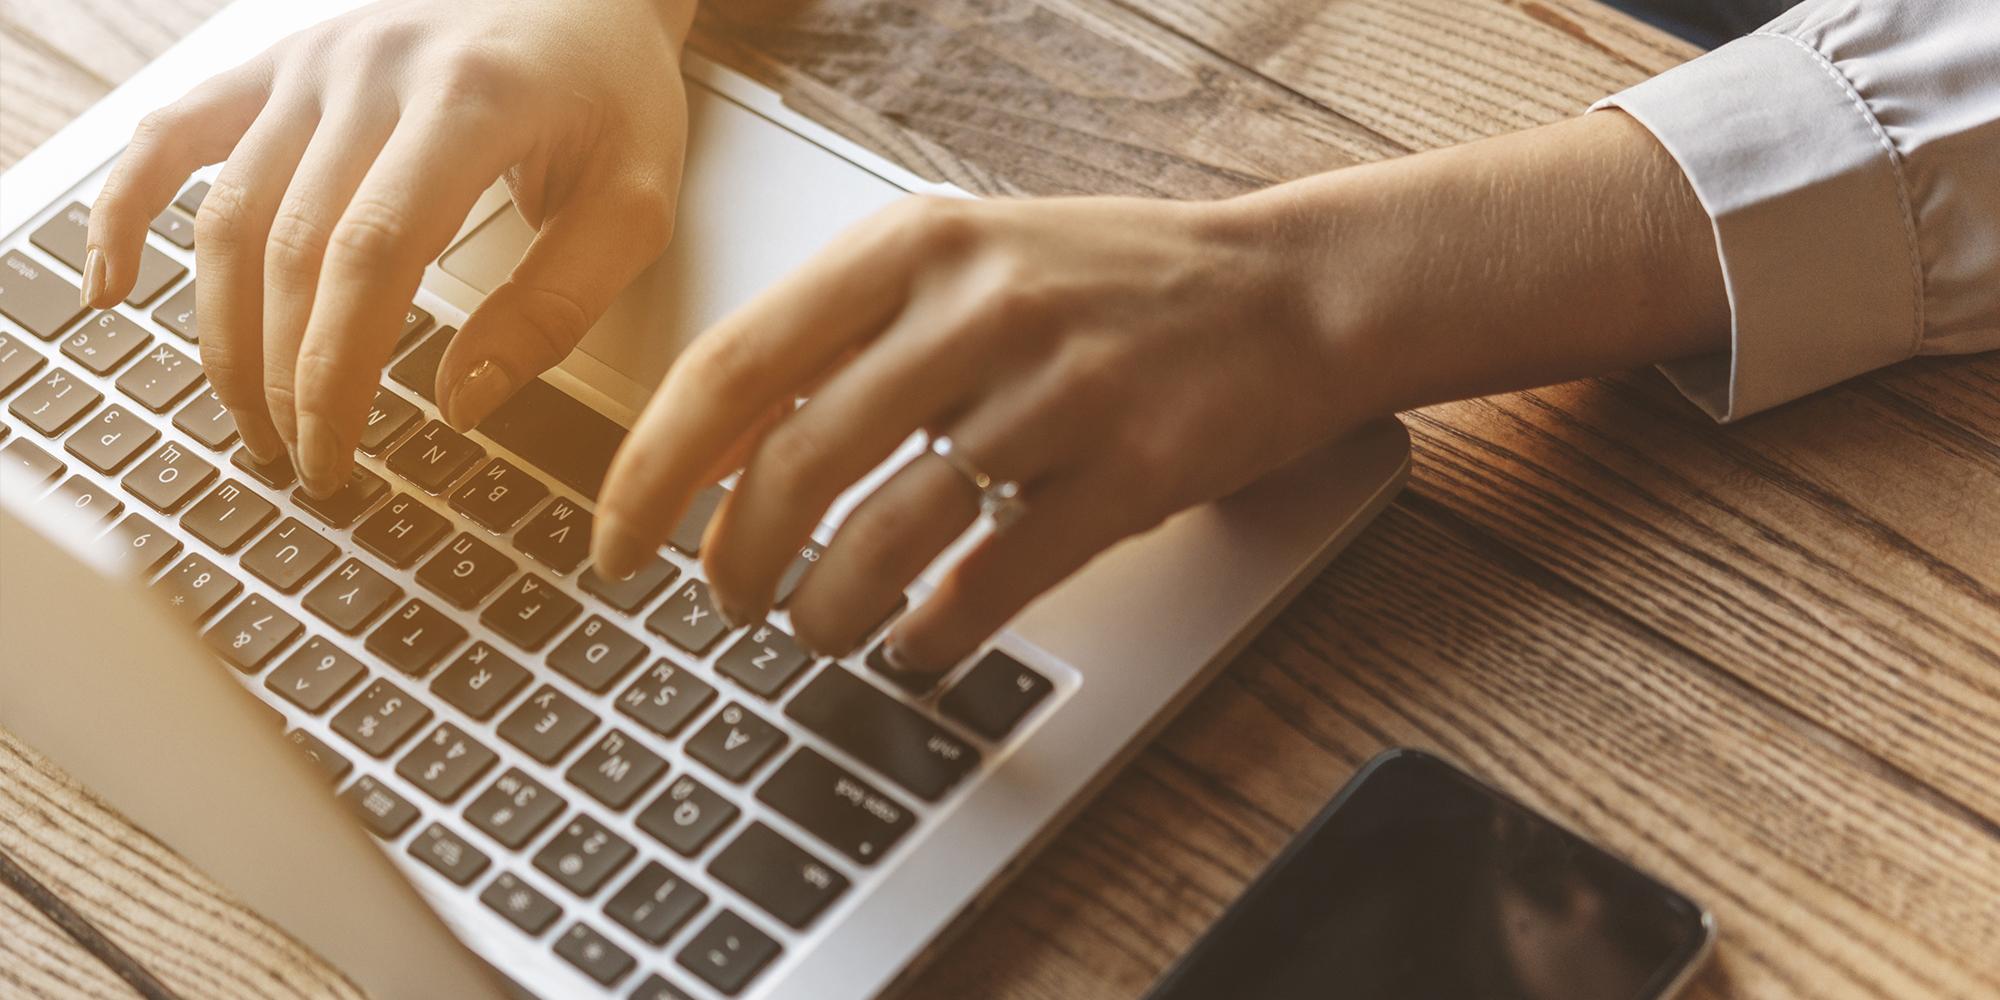 Site para advogados: como gerar mais visitas?